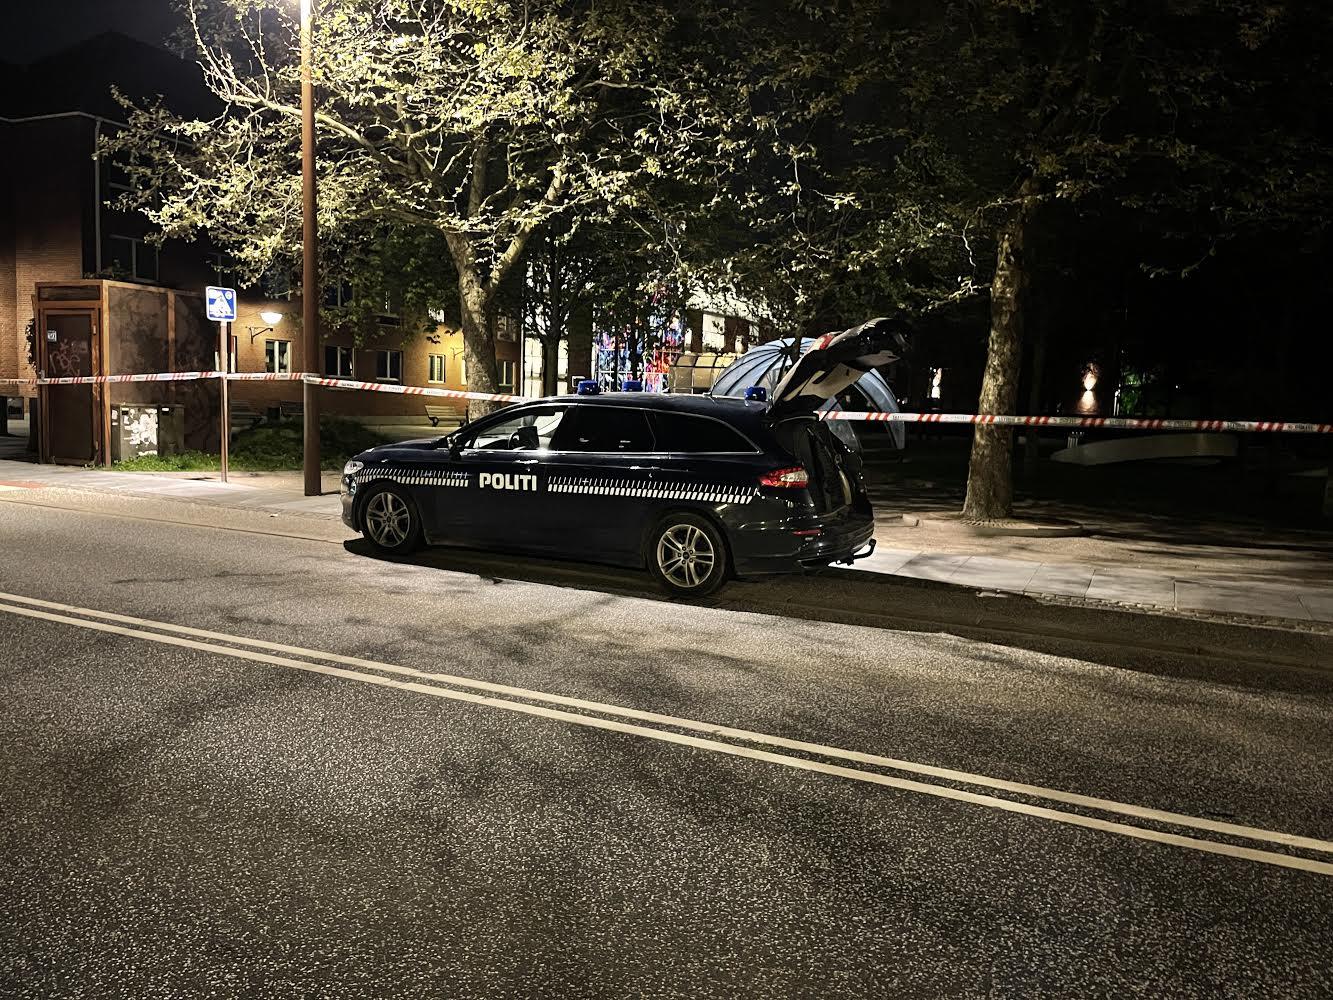 Muligt knivstikkeri i Vejle - politiet er på stedet